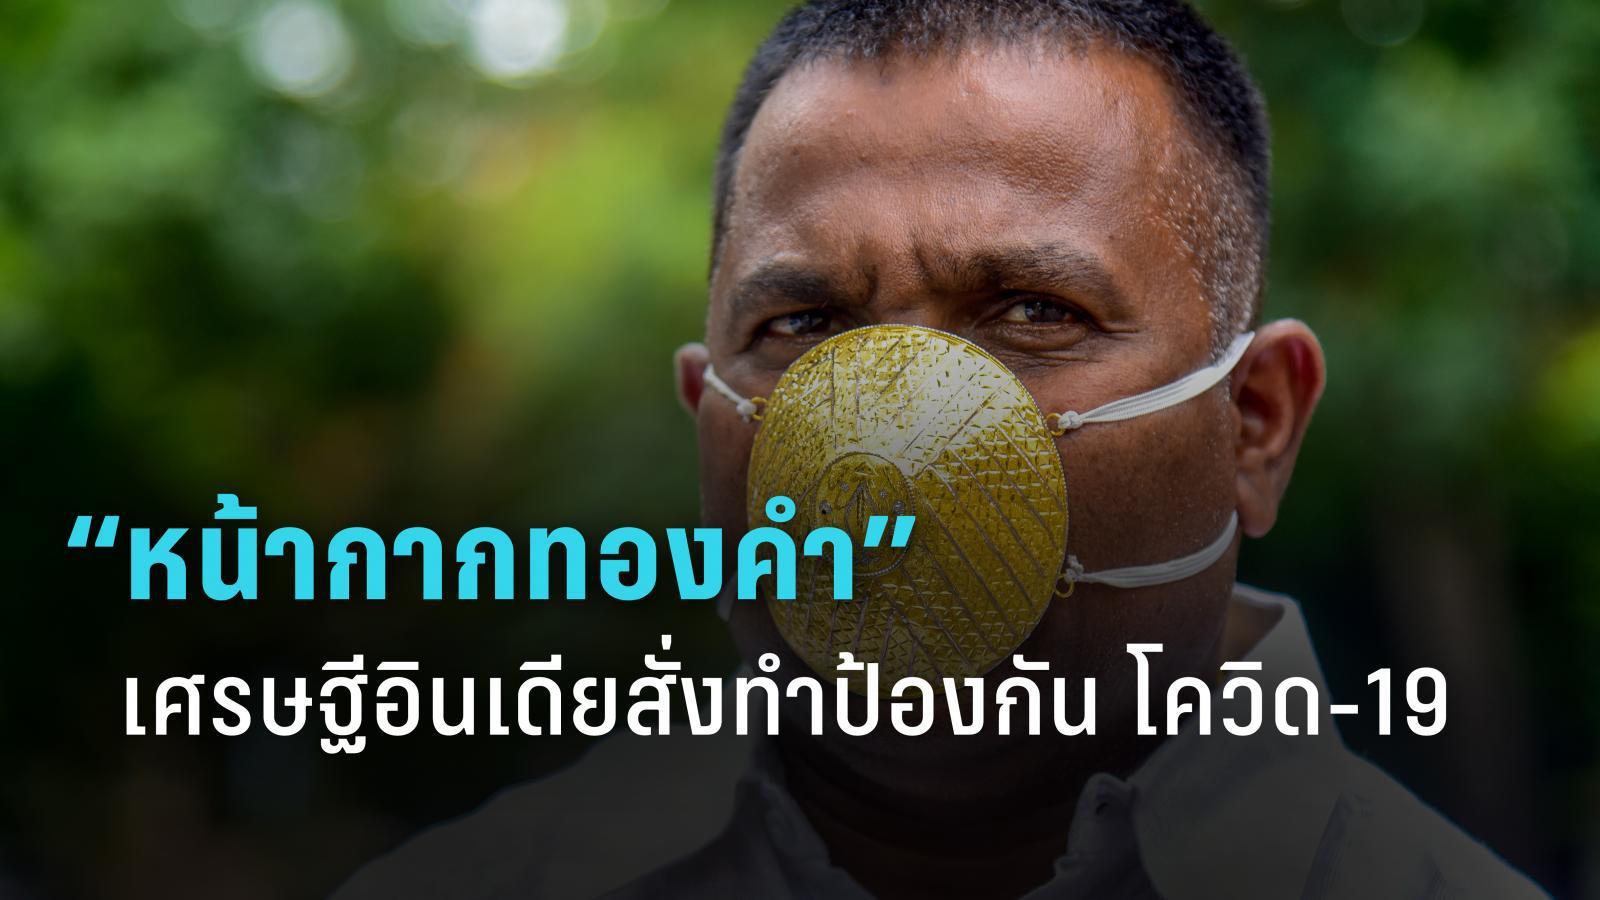 เศรษฐีชาวอินเดียสวมหน้ากากทองคำป้องกัน โควิด-19